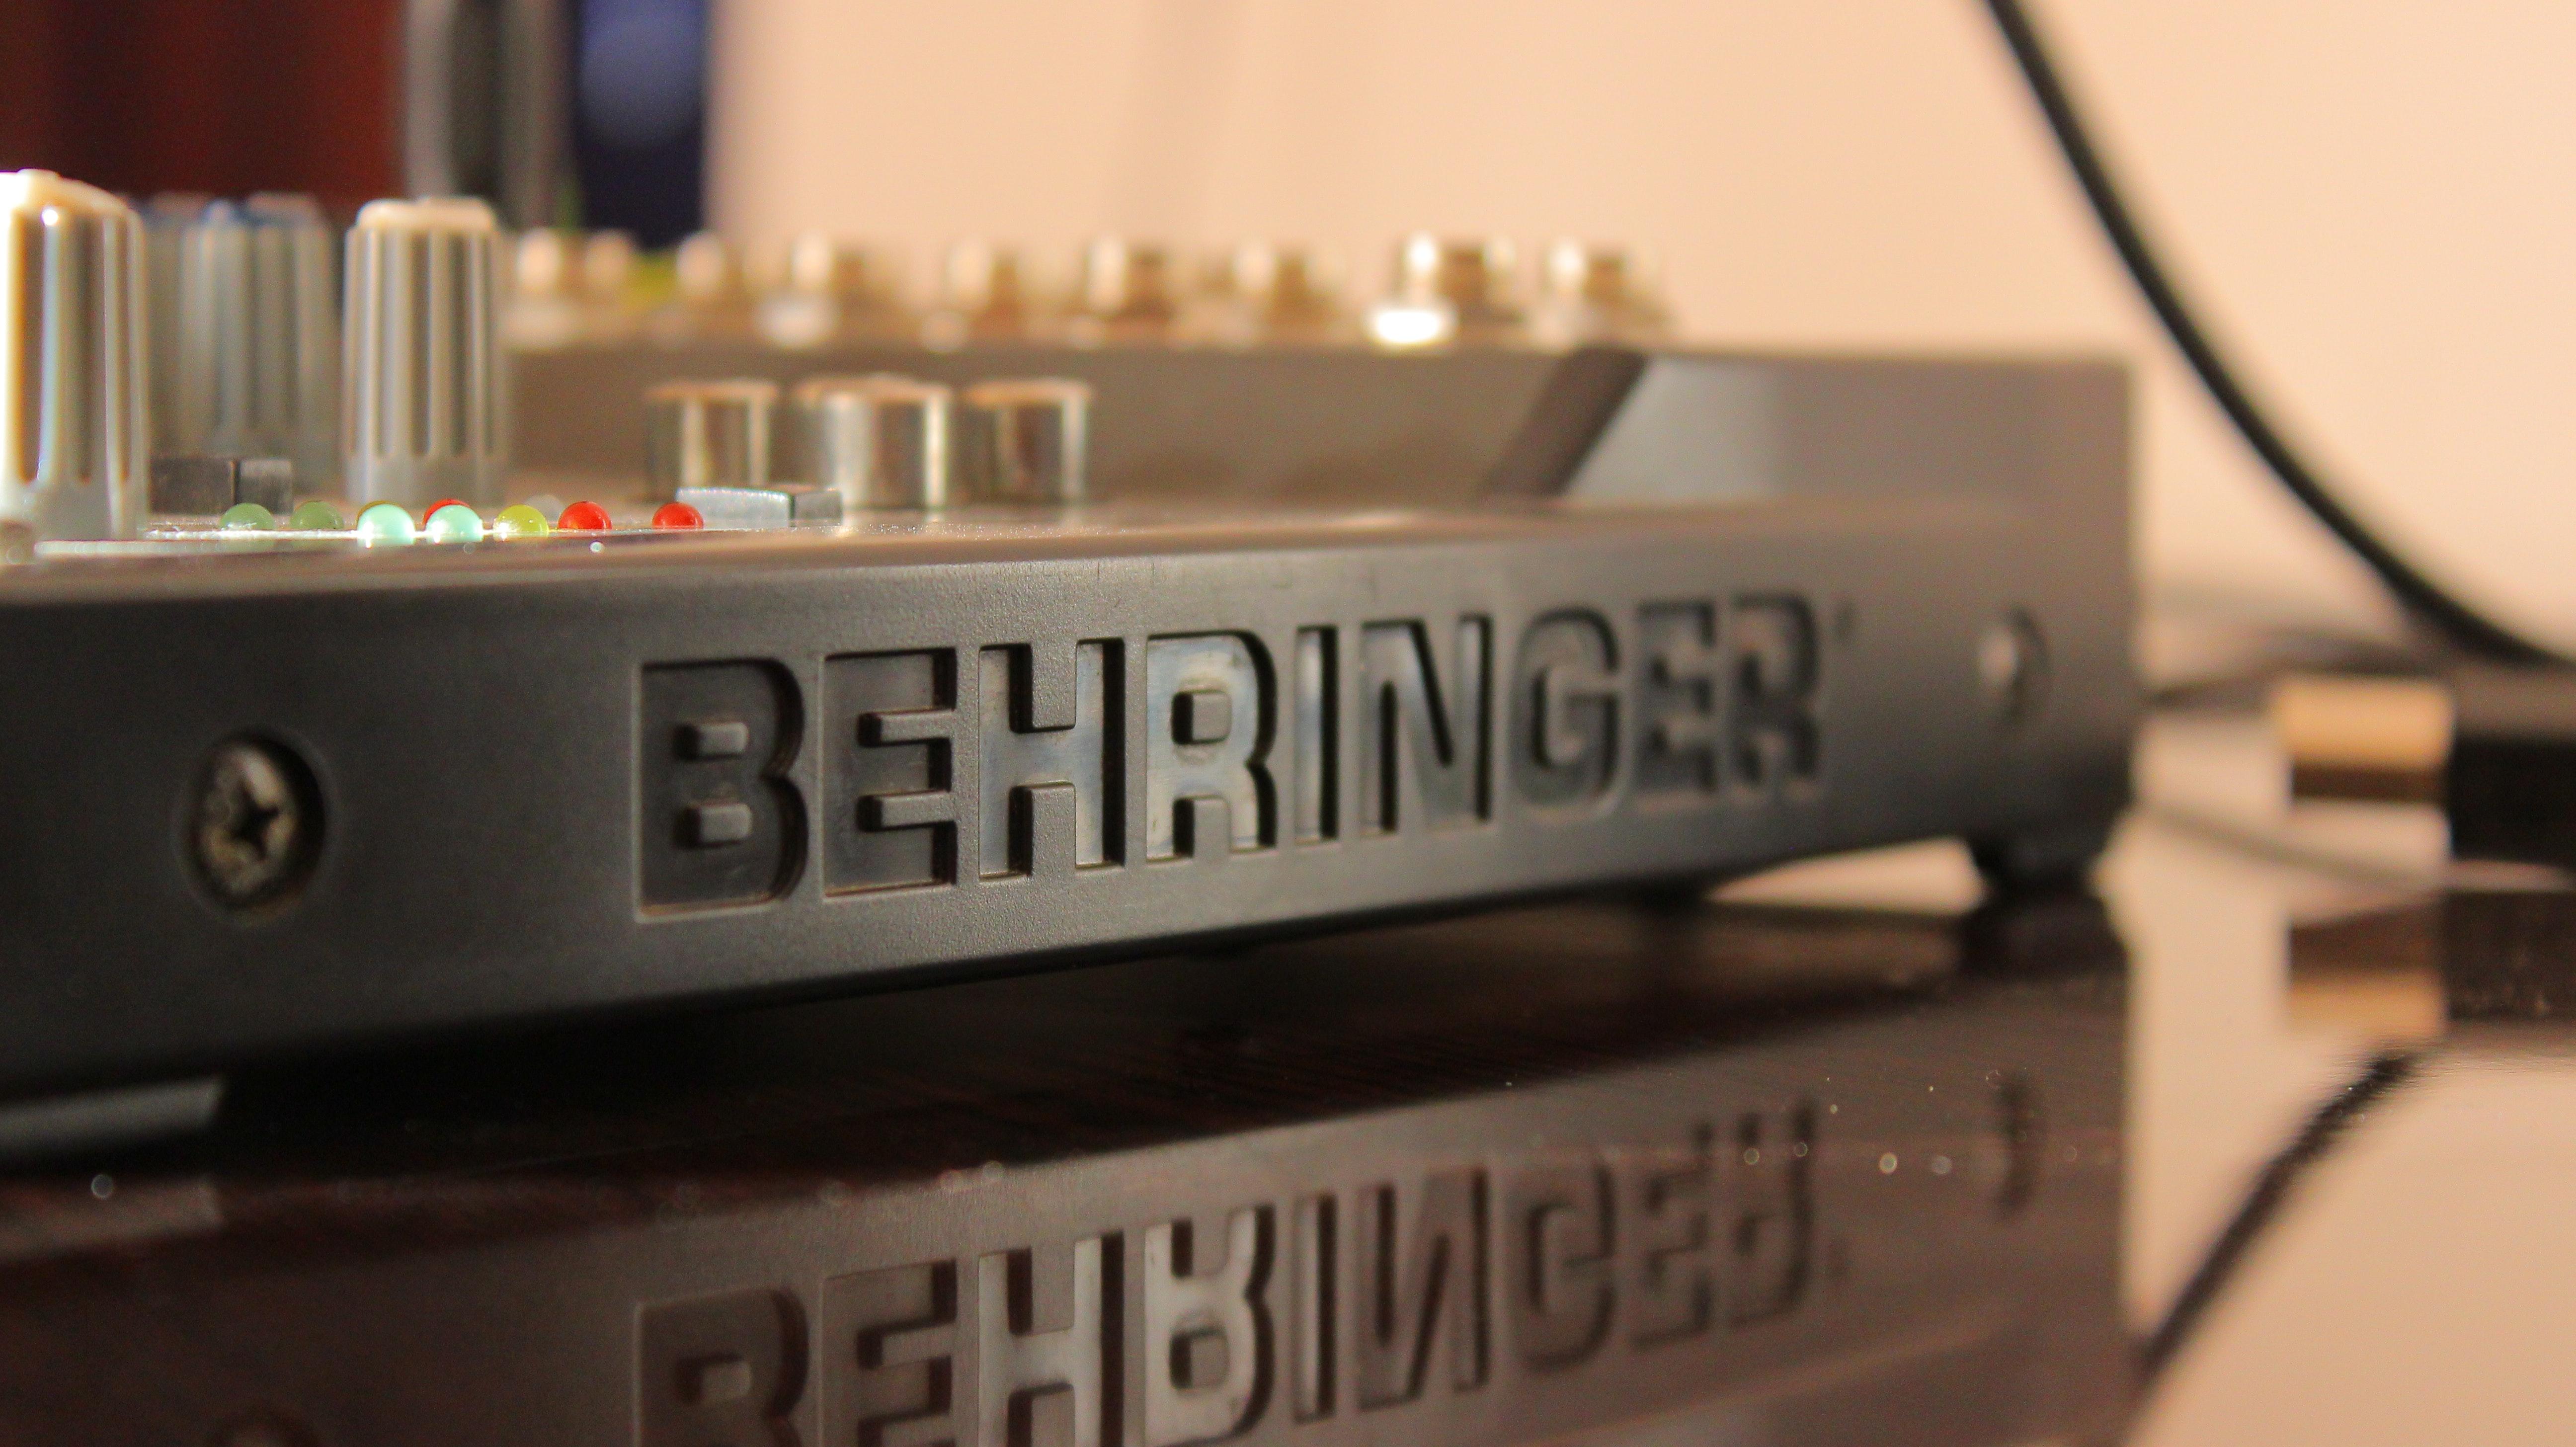 Black behringer equalizer photo